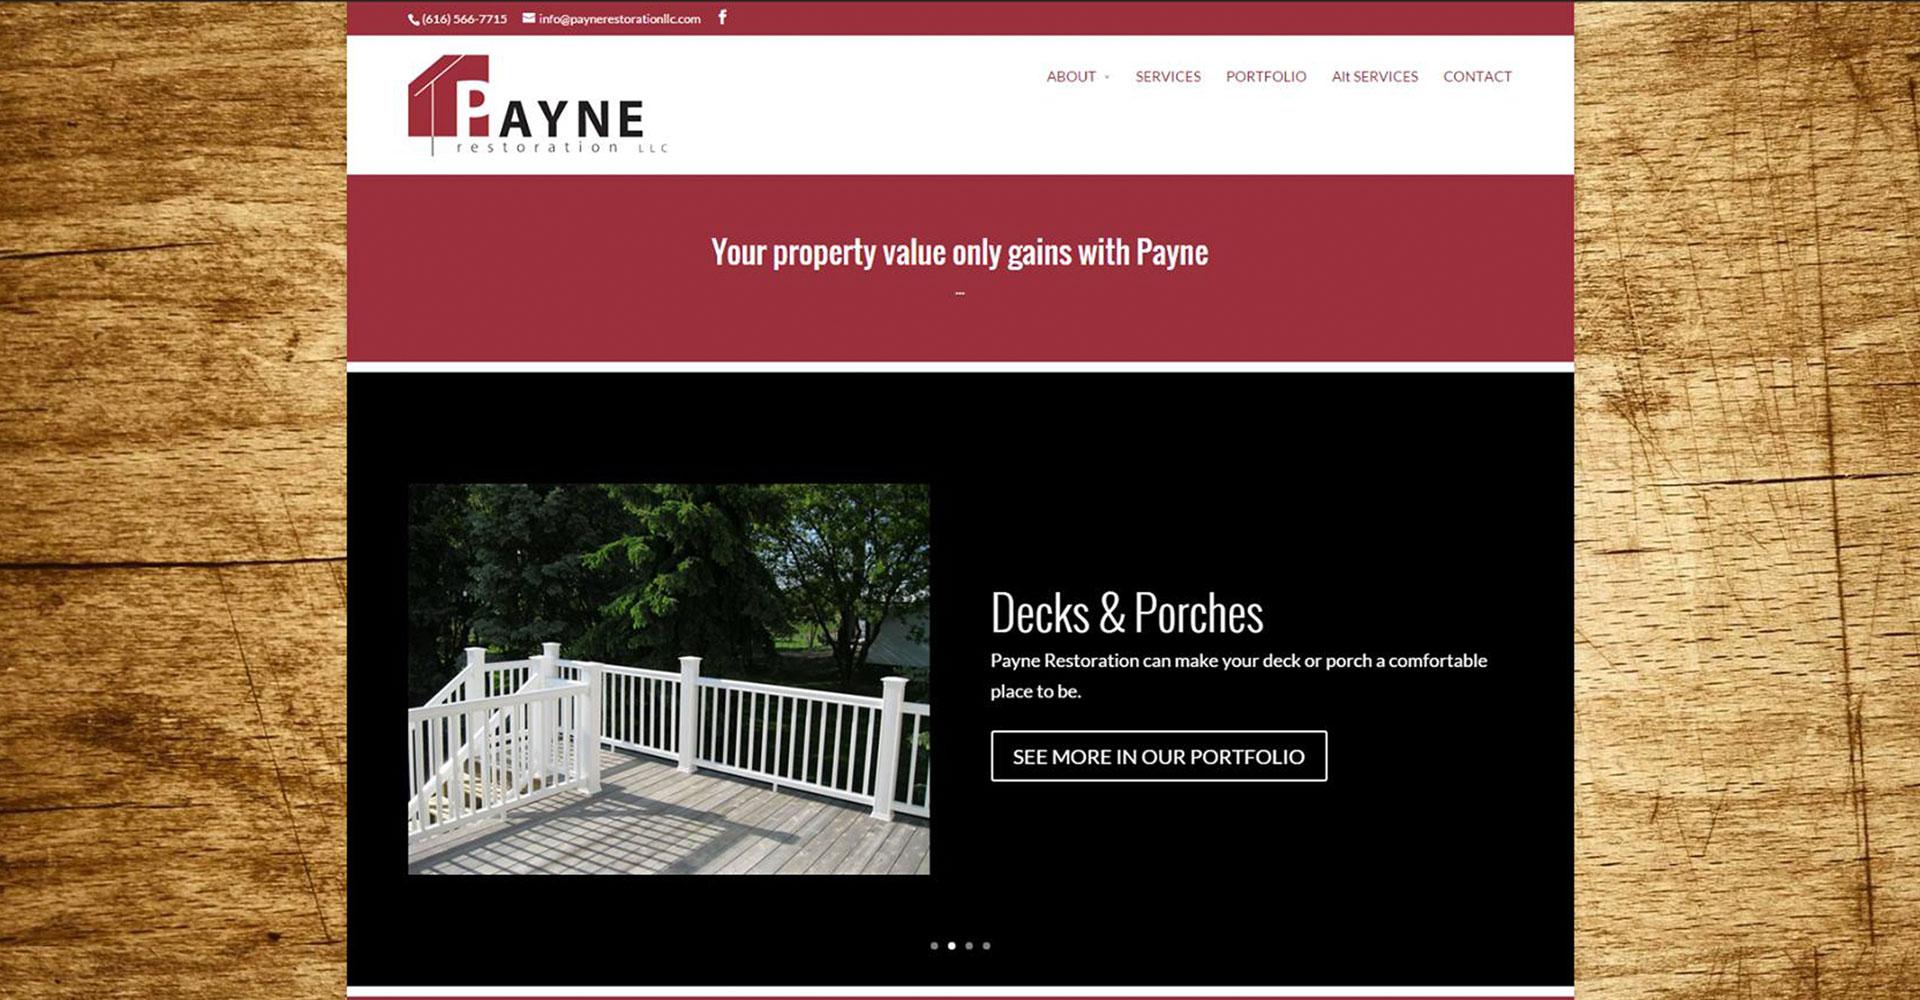 payne-resto-homepage-a